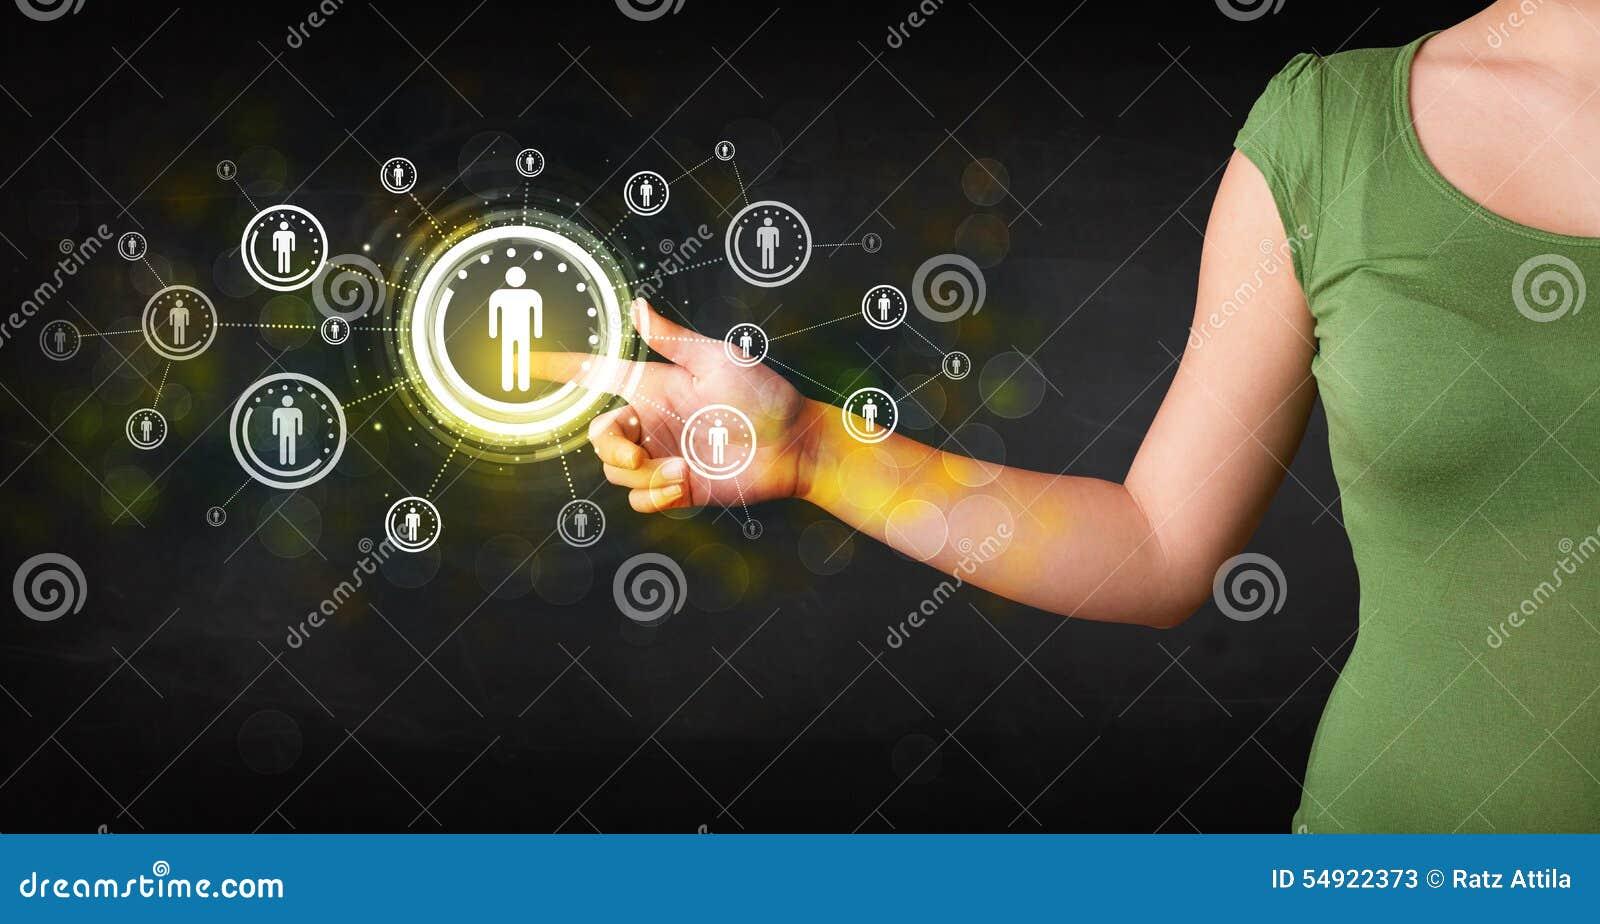 Σύγχρονη επιχειρηματίας σχετικά με το μελλοντικό κοινωνικό δίκτυο β τεχνολογίας